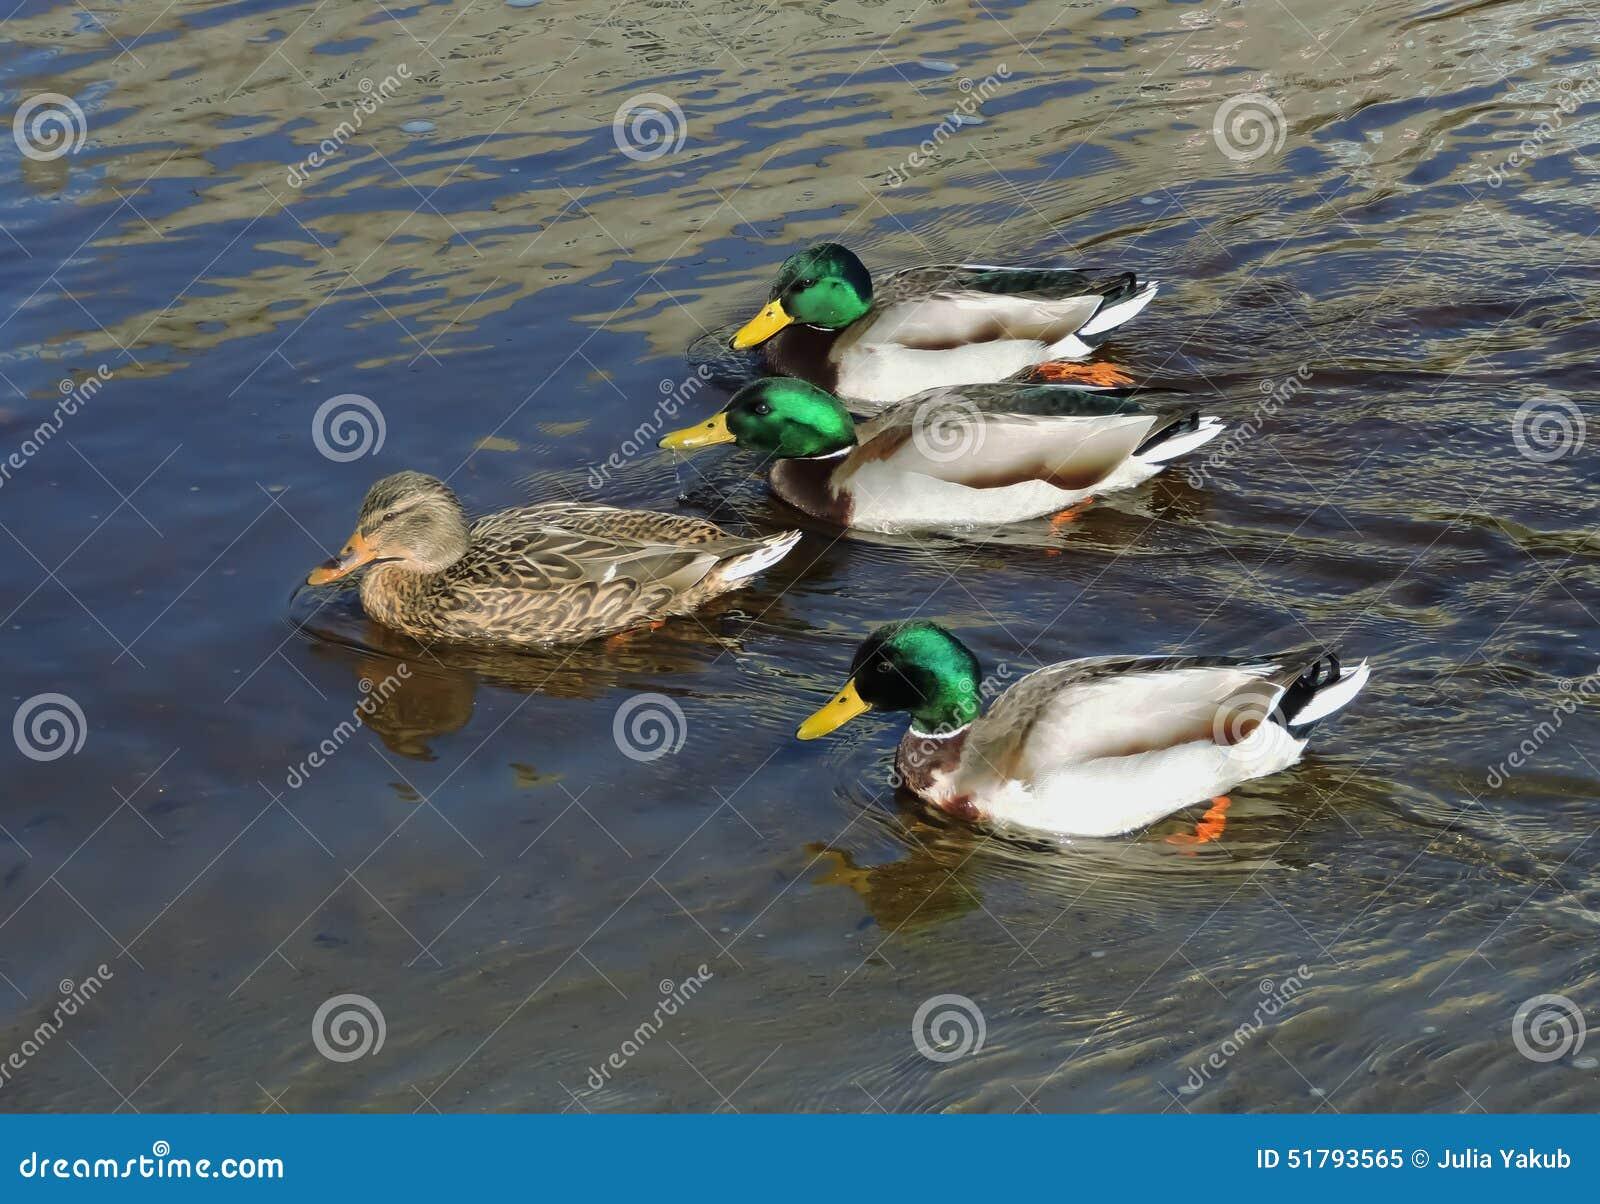 Ducks Swimming. Stock Photo - Image: 51793565